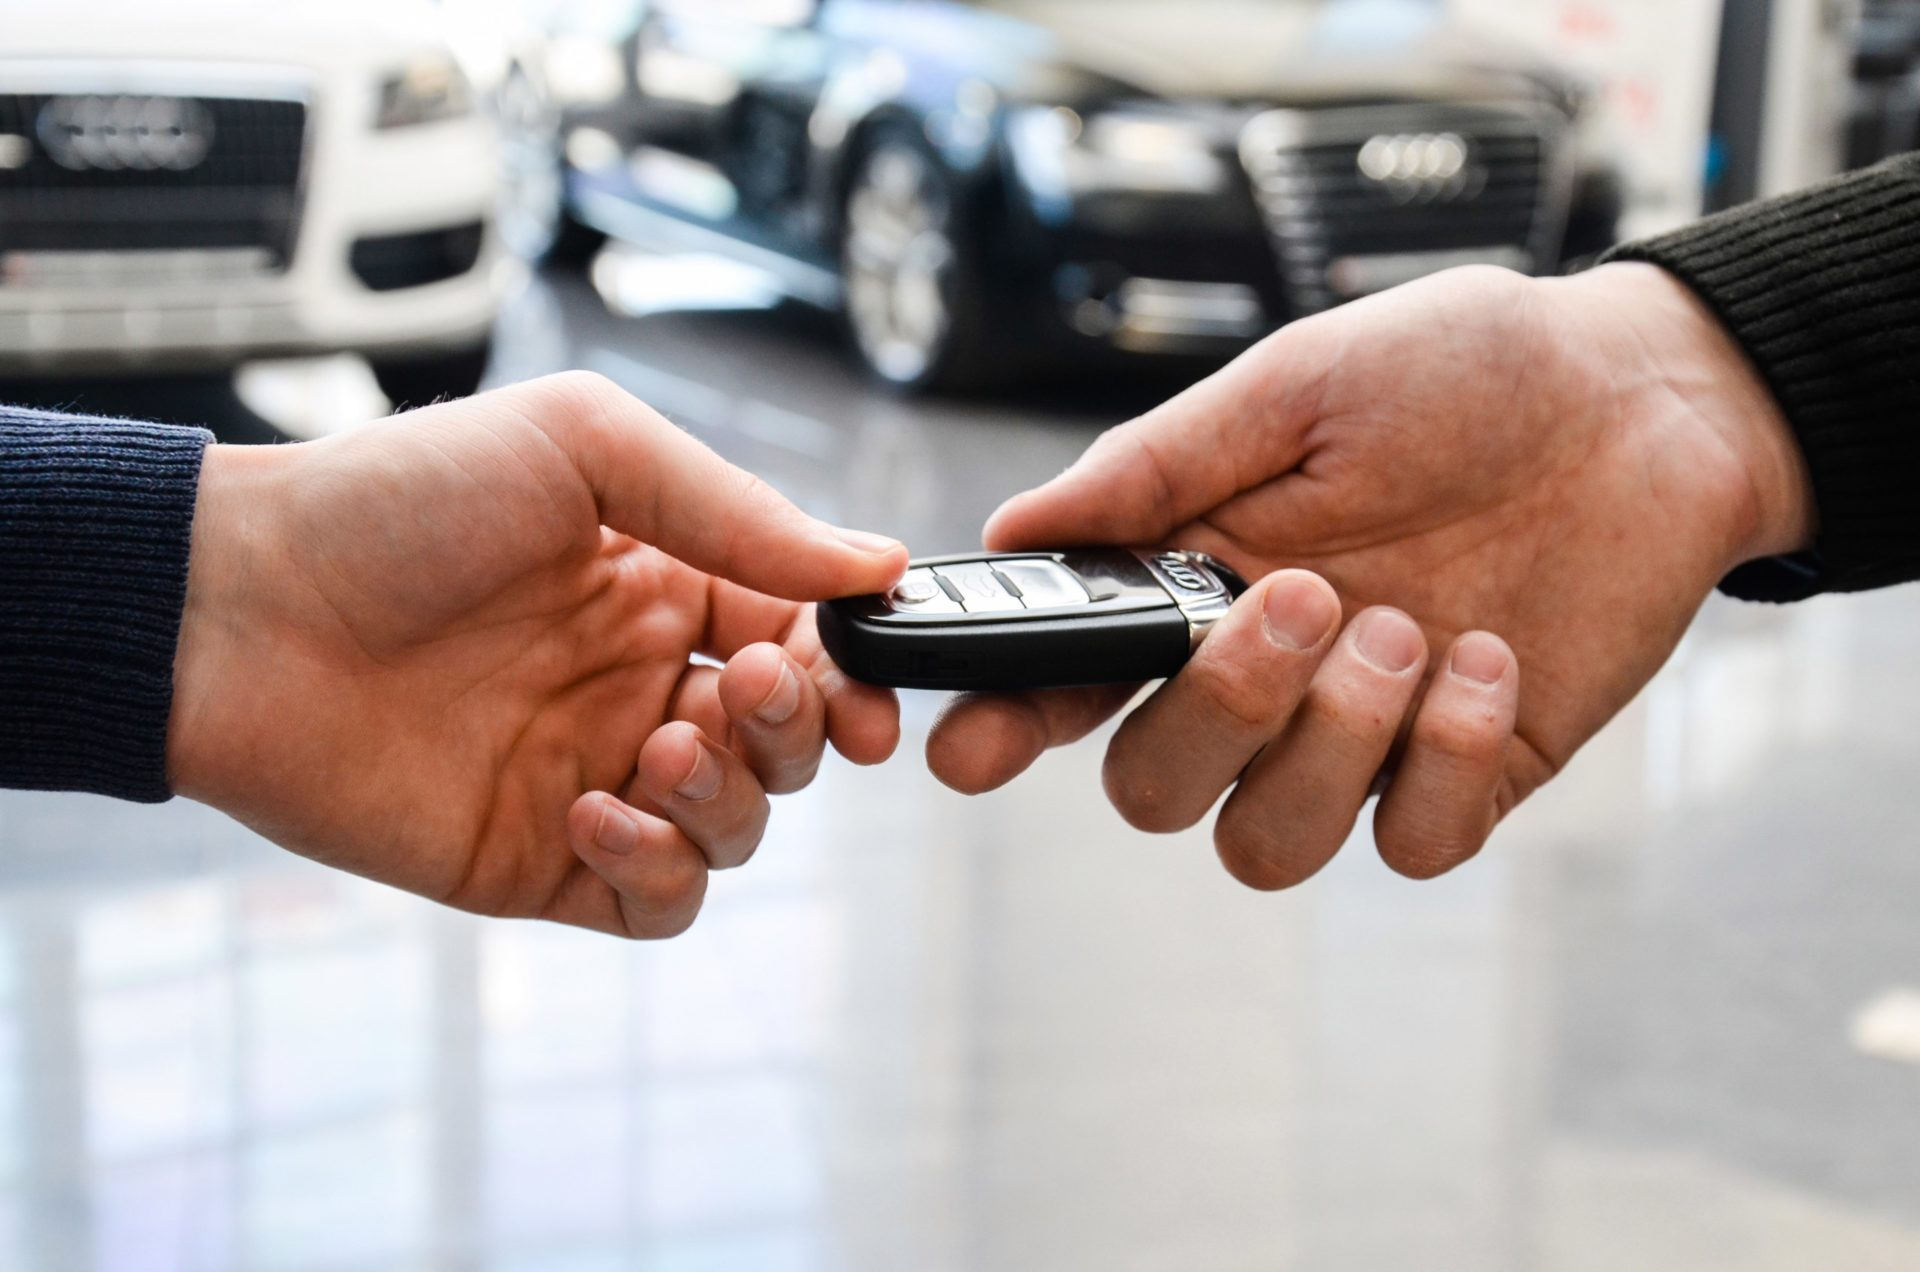 Водителям в РФ назвали популярные способы обмана при покупке авто в 2021 году